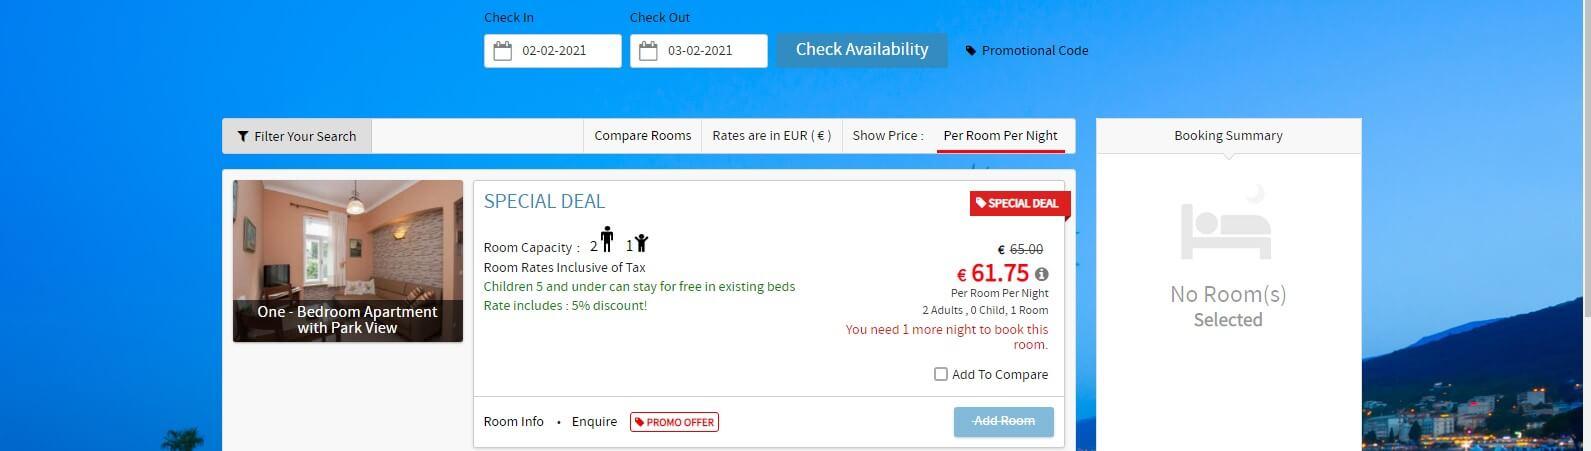 Integriranje mehanizma za rezervacije omogućuje vašim gostima izravnu rezervaciju s web stranice hotela.